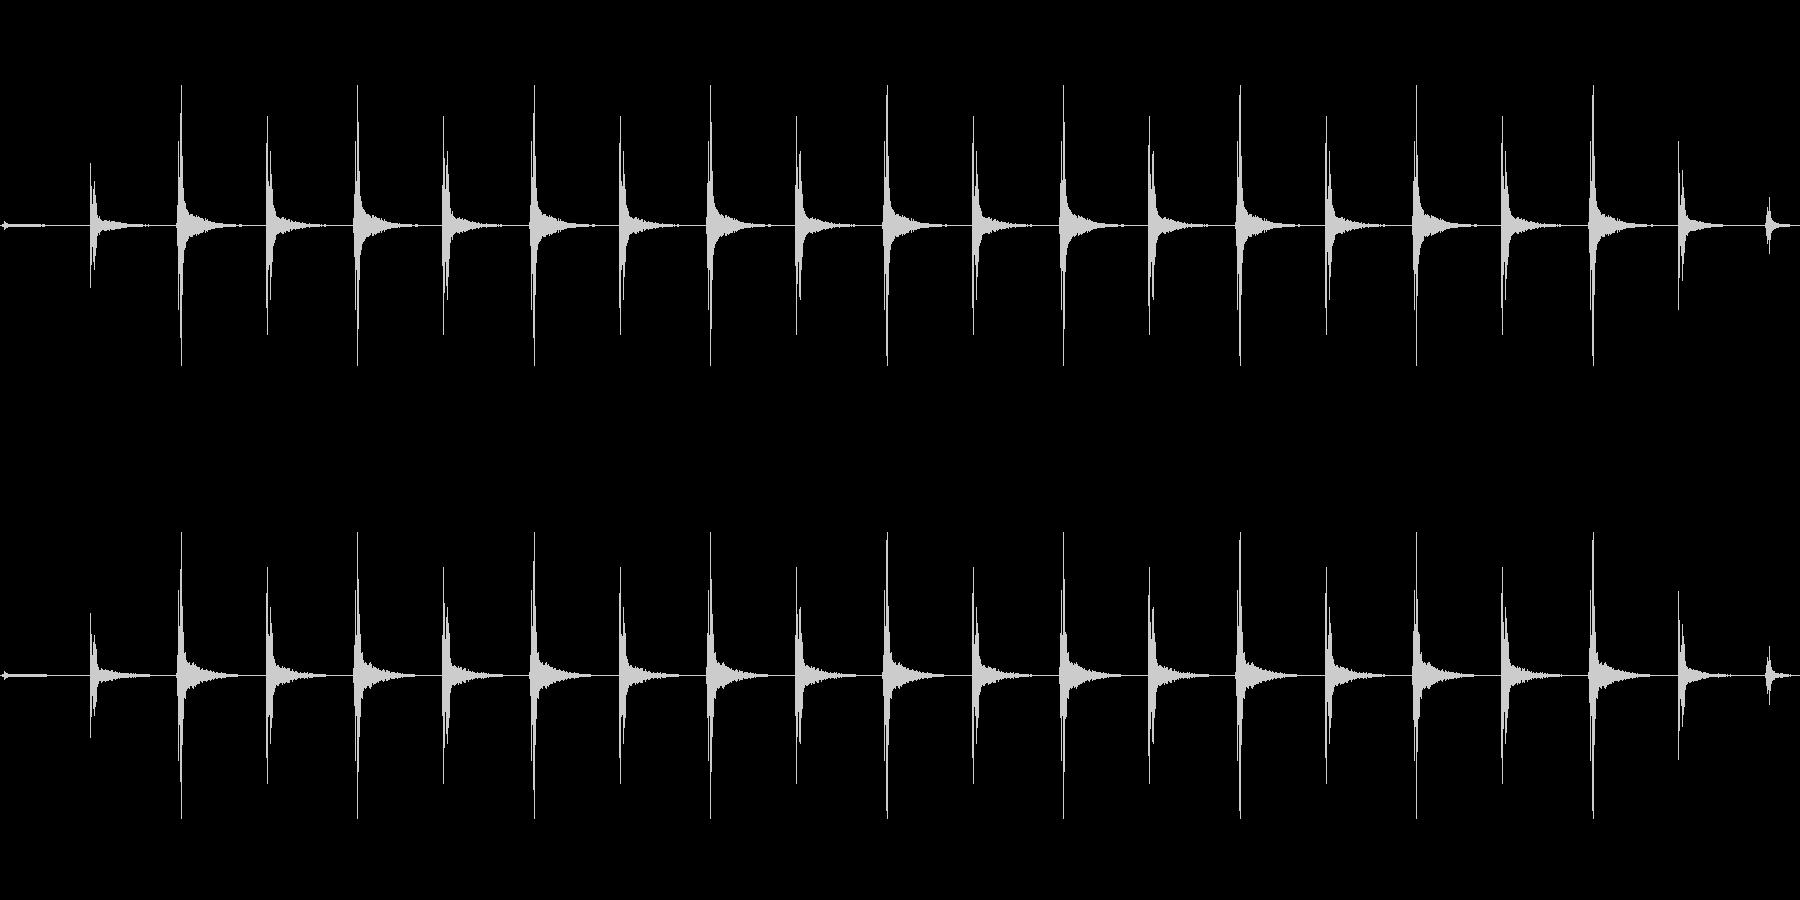 時計 ticktock_45-2_revの未再生の波形